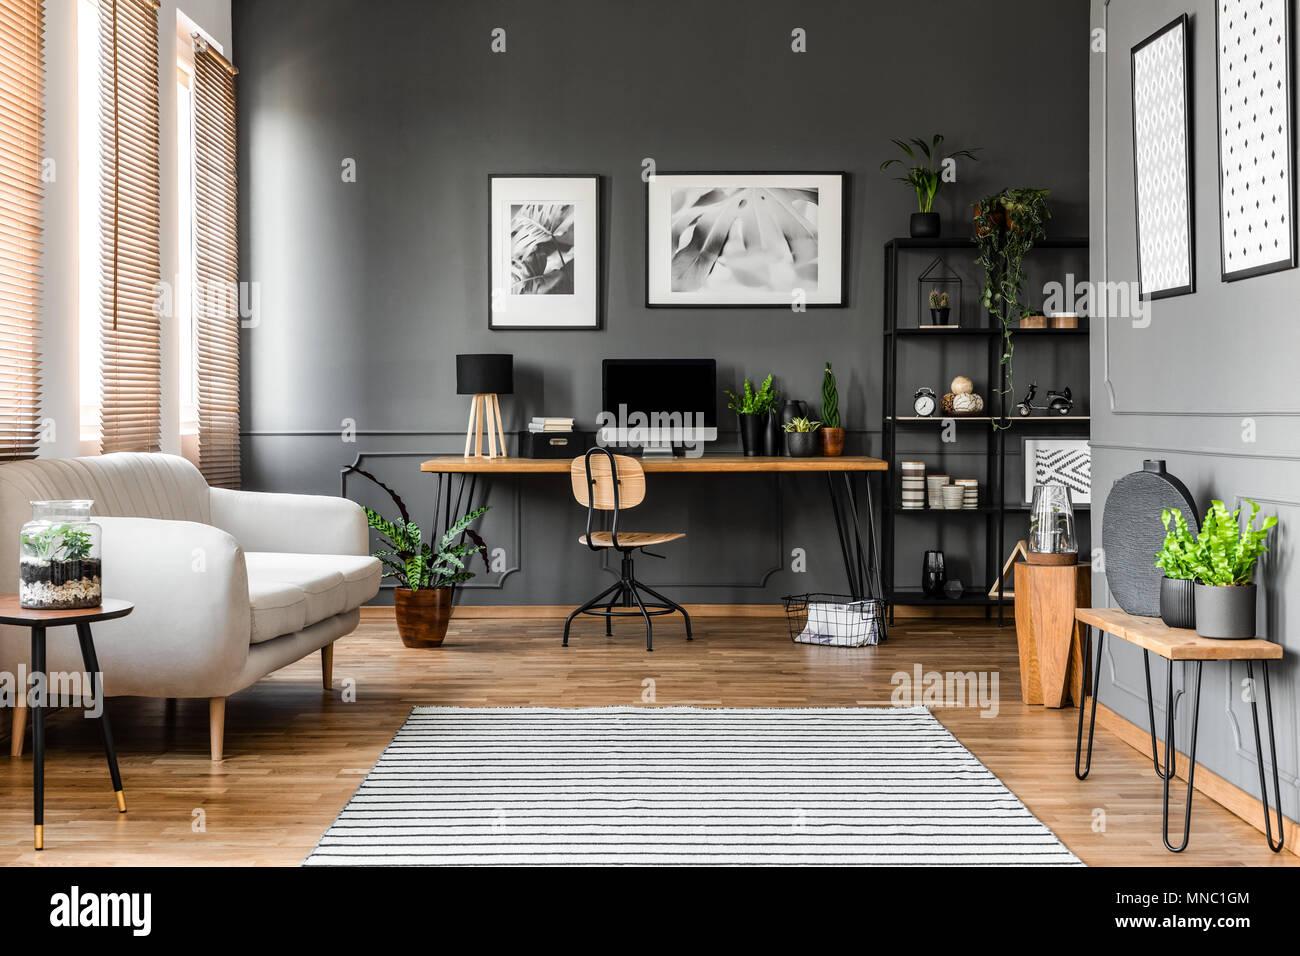 Real Photo des open space Wohnung Interieur in beige Sofa neben dem ...